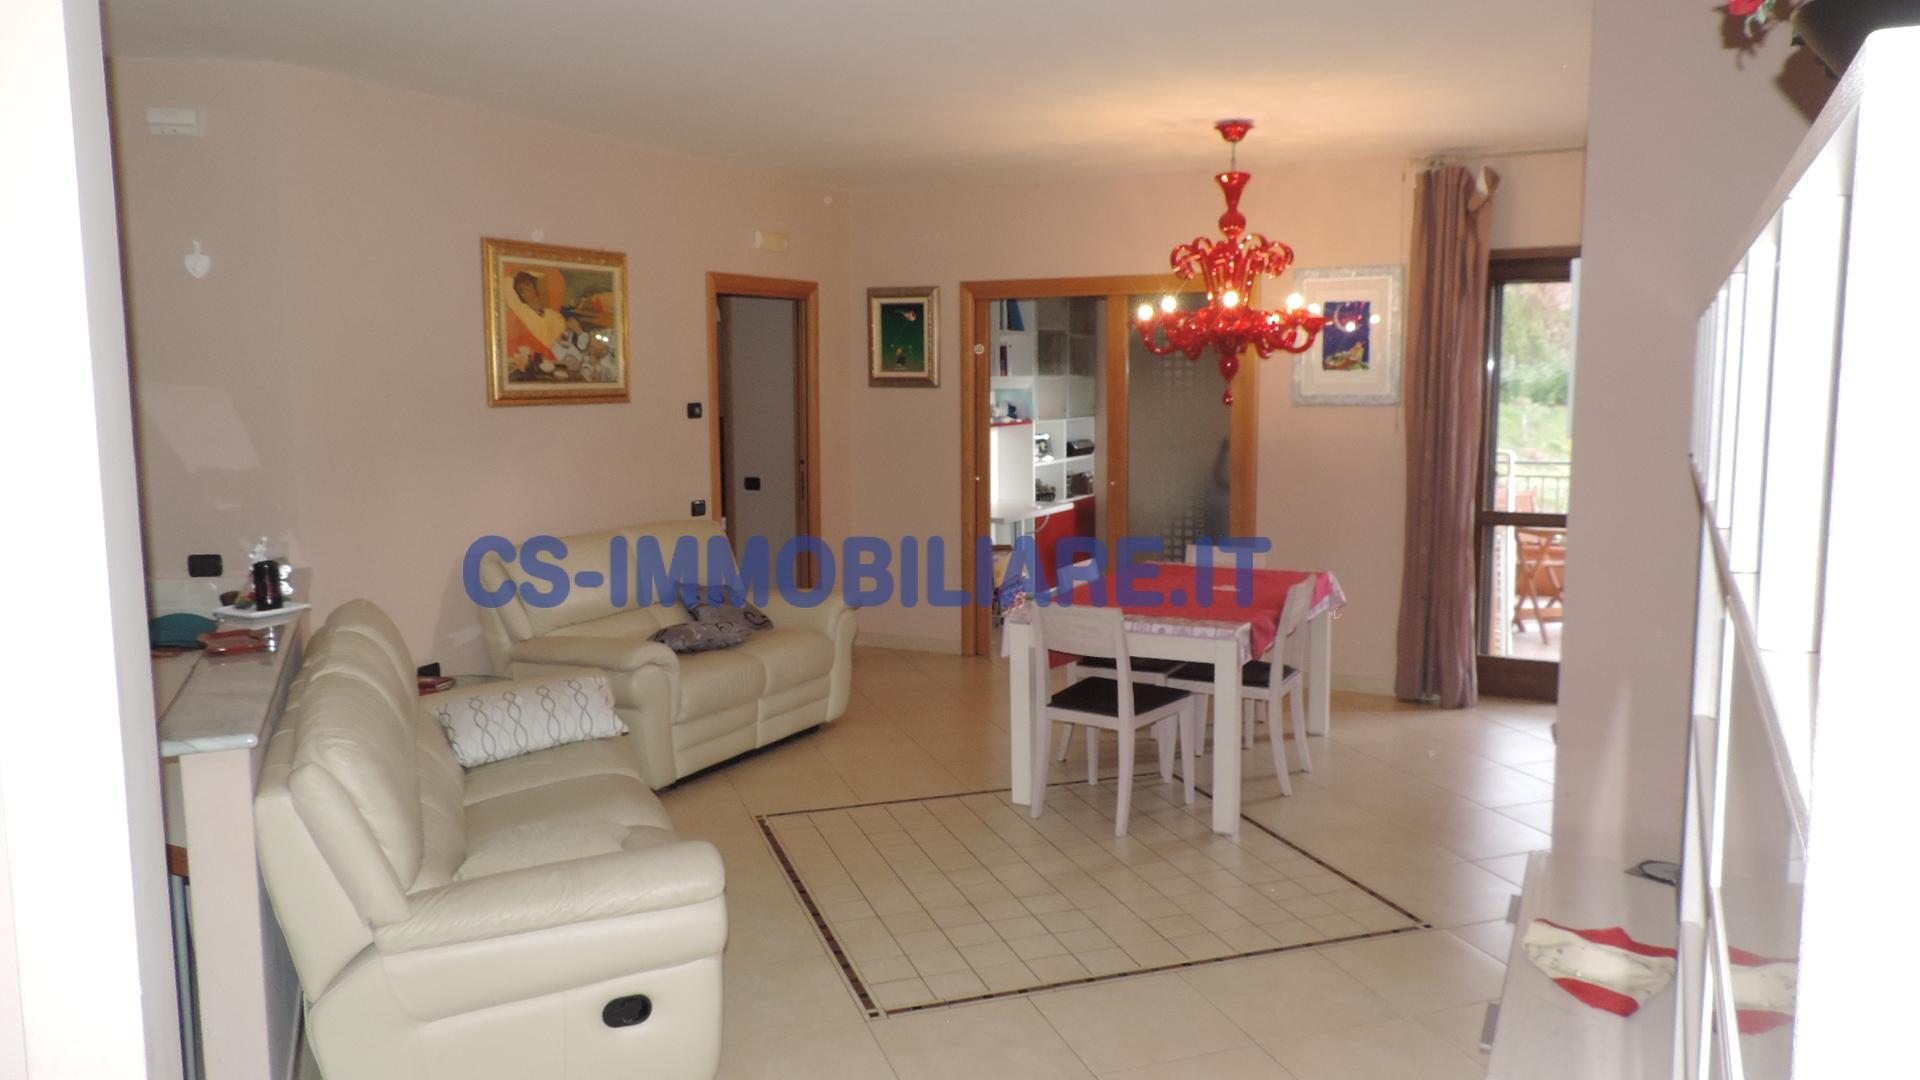 Appartamento in vendita a Tito, 4 locali, zona Località: ViaRoma, prezzo € 145.000   Cambio Casa.it